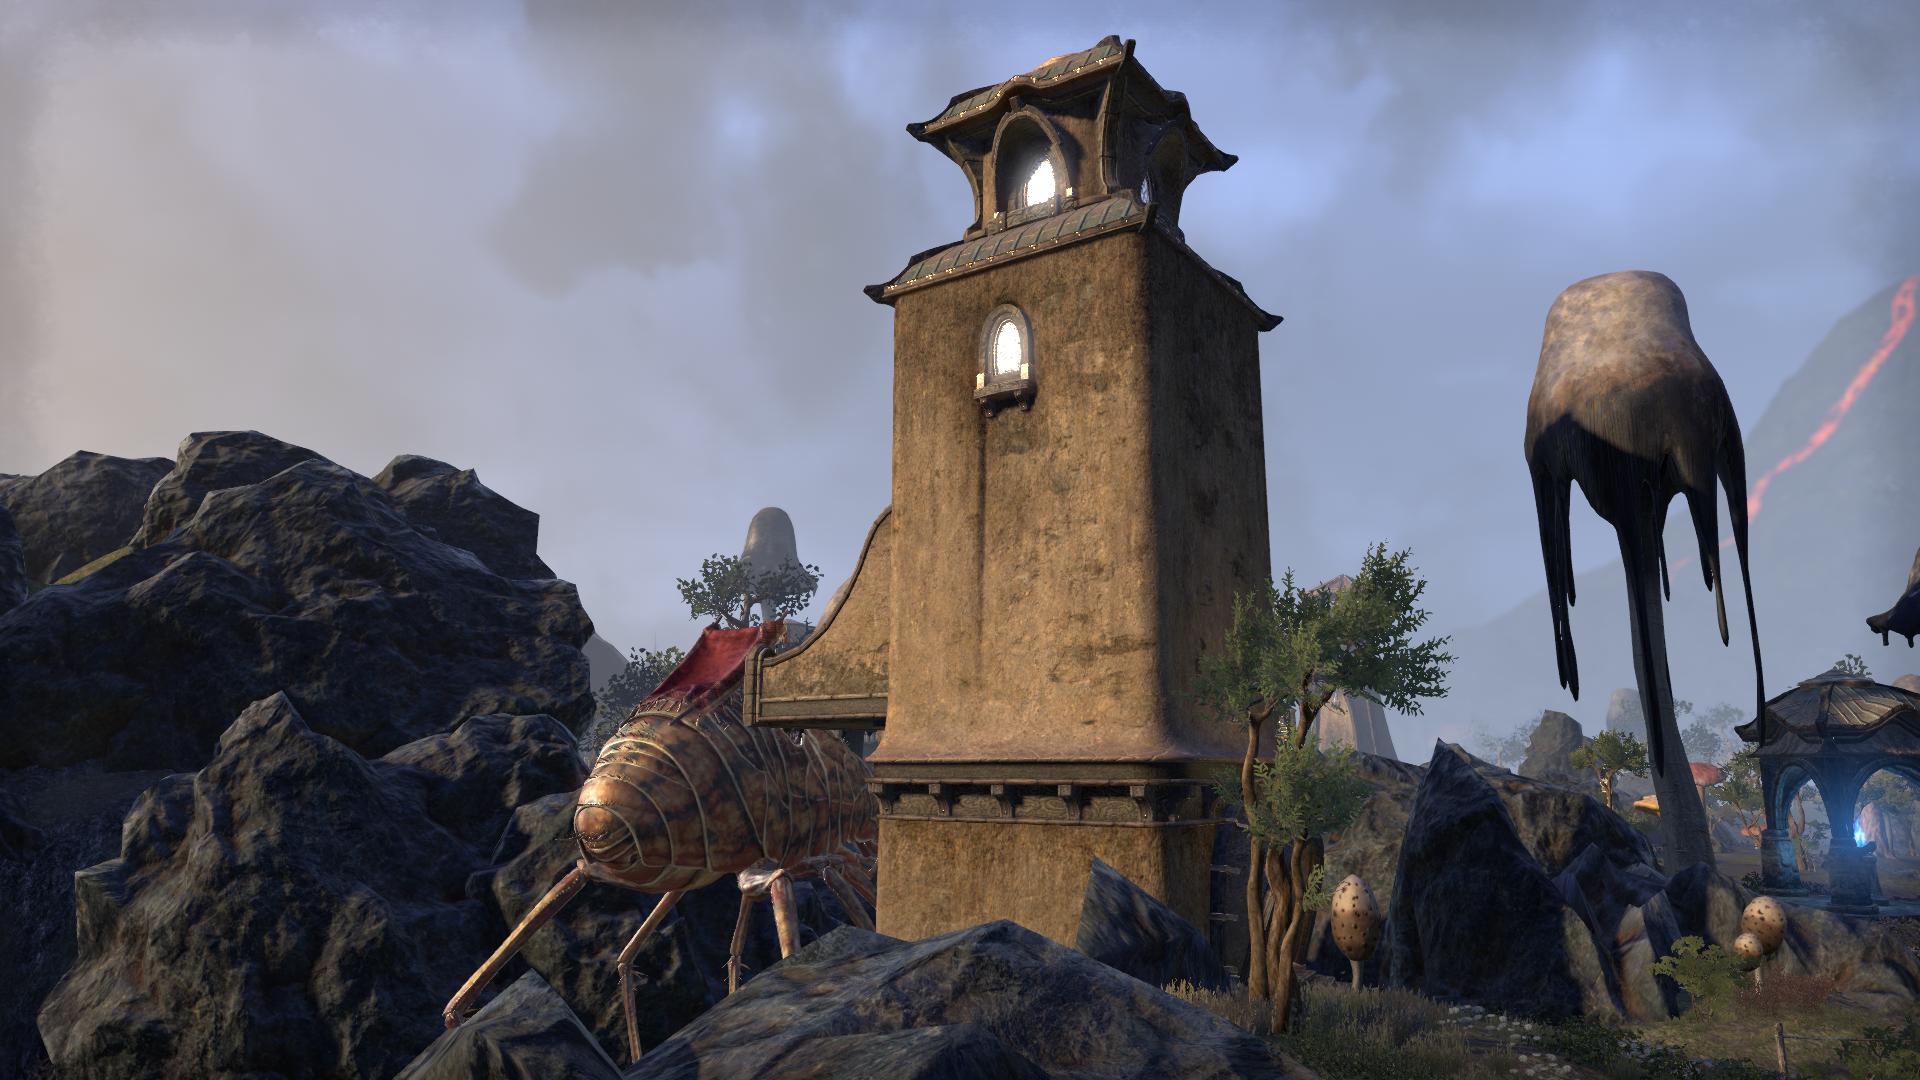 Башня караванщика (Гнисис)